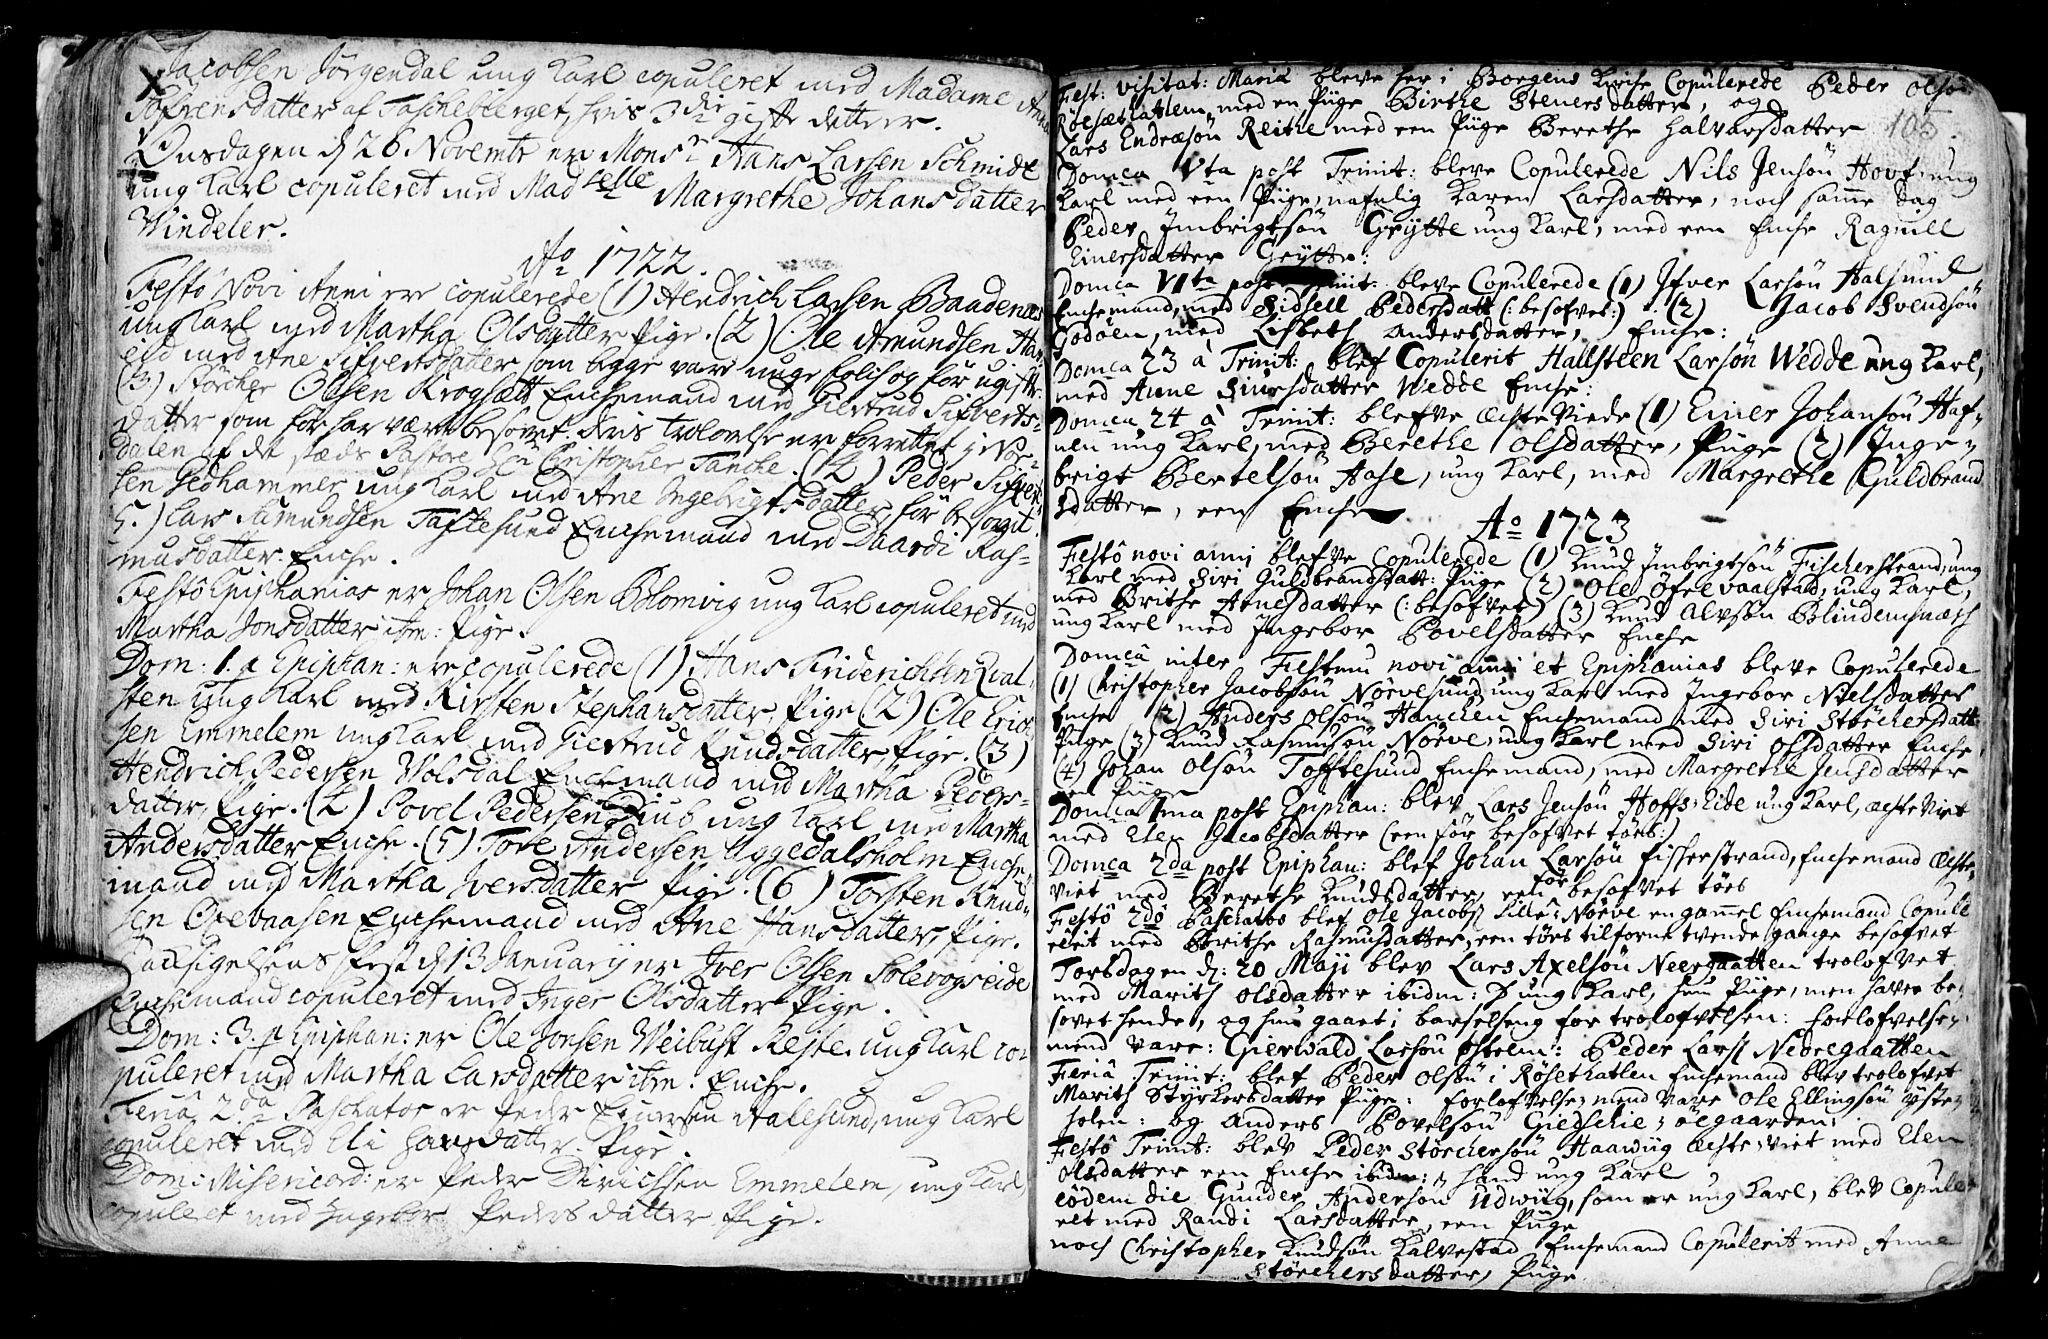 SAT, Ministerialprotokoller, klokkerbøker og fødselsregistre - Møre og Romsdal, 528/L0390: Ministerialbok nr. 528A01, 1698-1739, s. 104-105